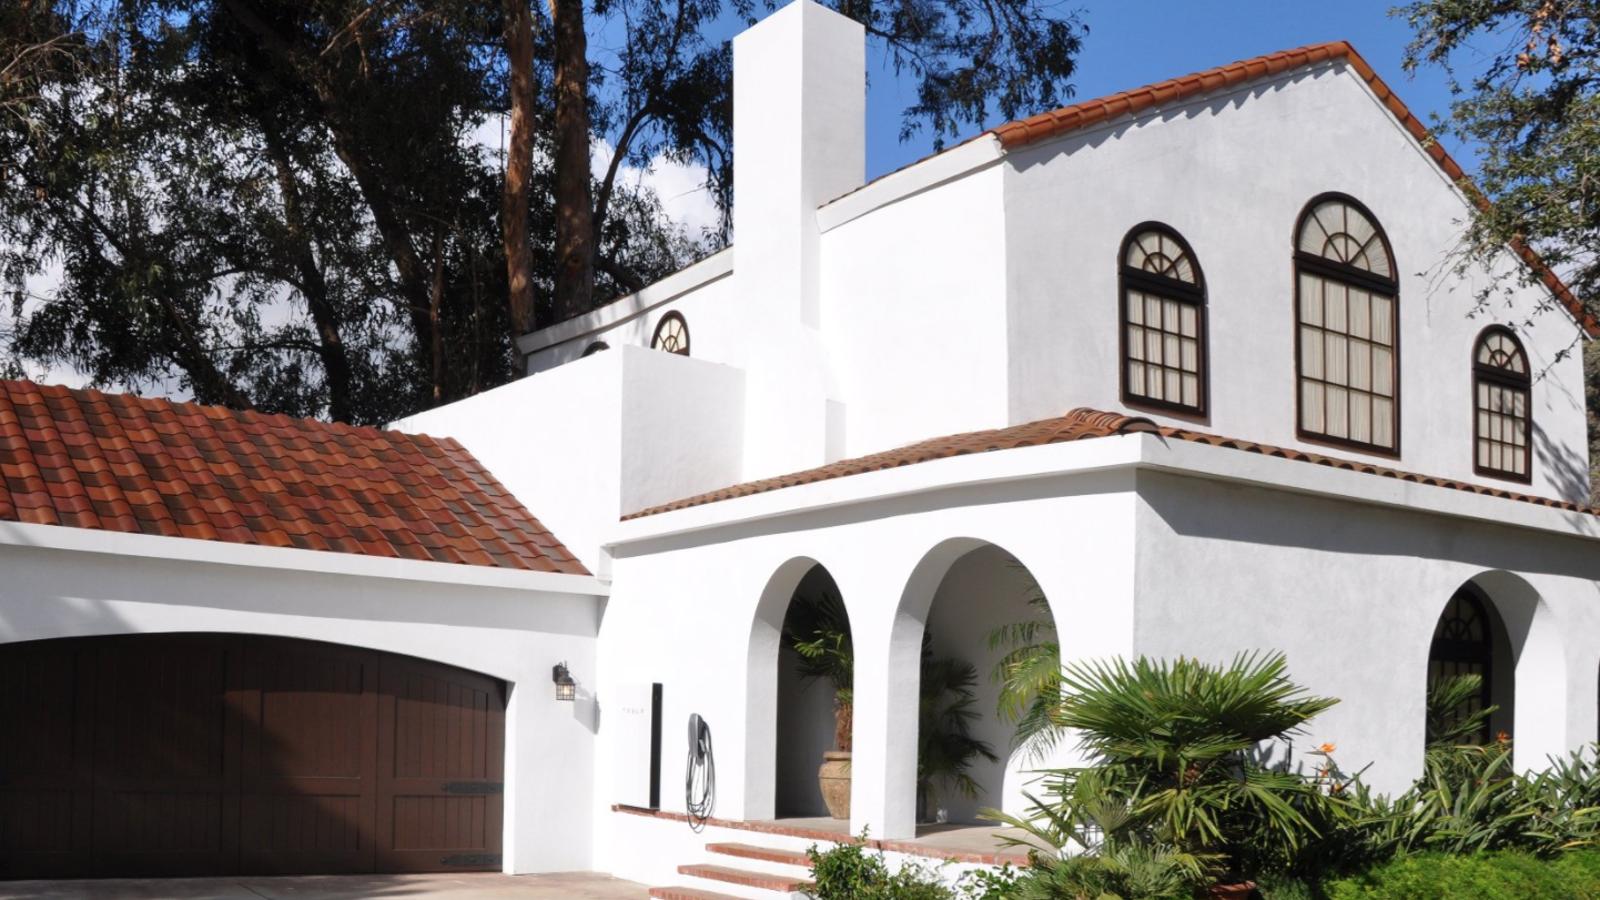 Tesla ha creado un tejado solar tan perfecto que es difícil distinguirlo de uno convencional